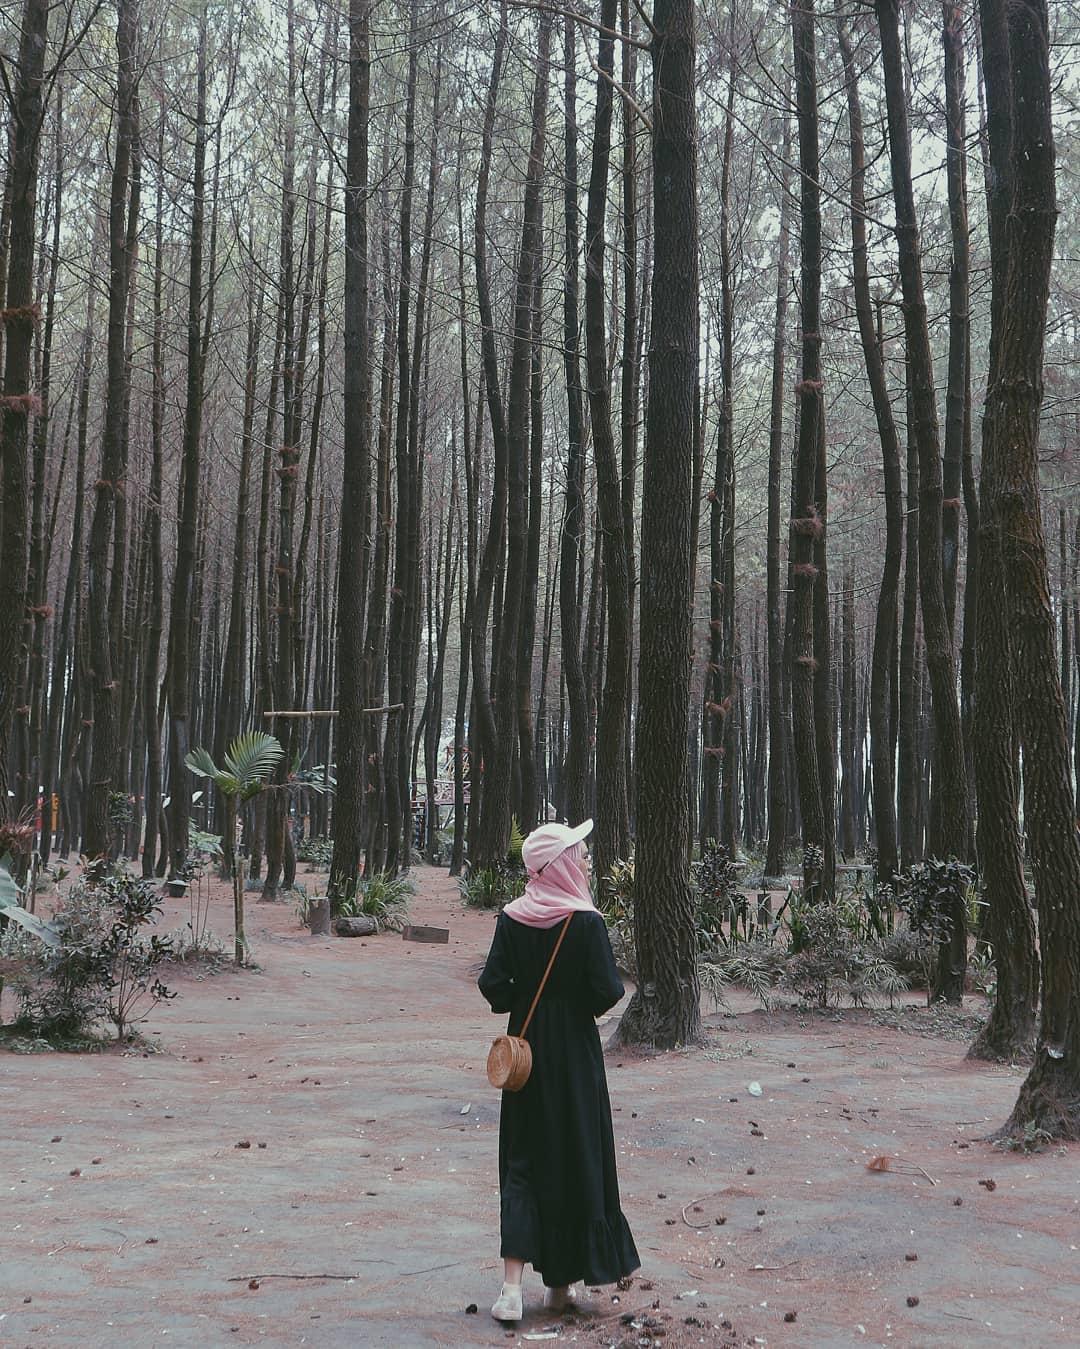 8 Destinasi Wisata Hutan Pinus Untuk Liburan Anti-Mainstream